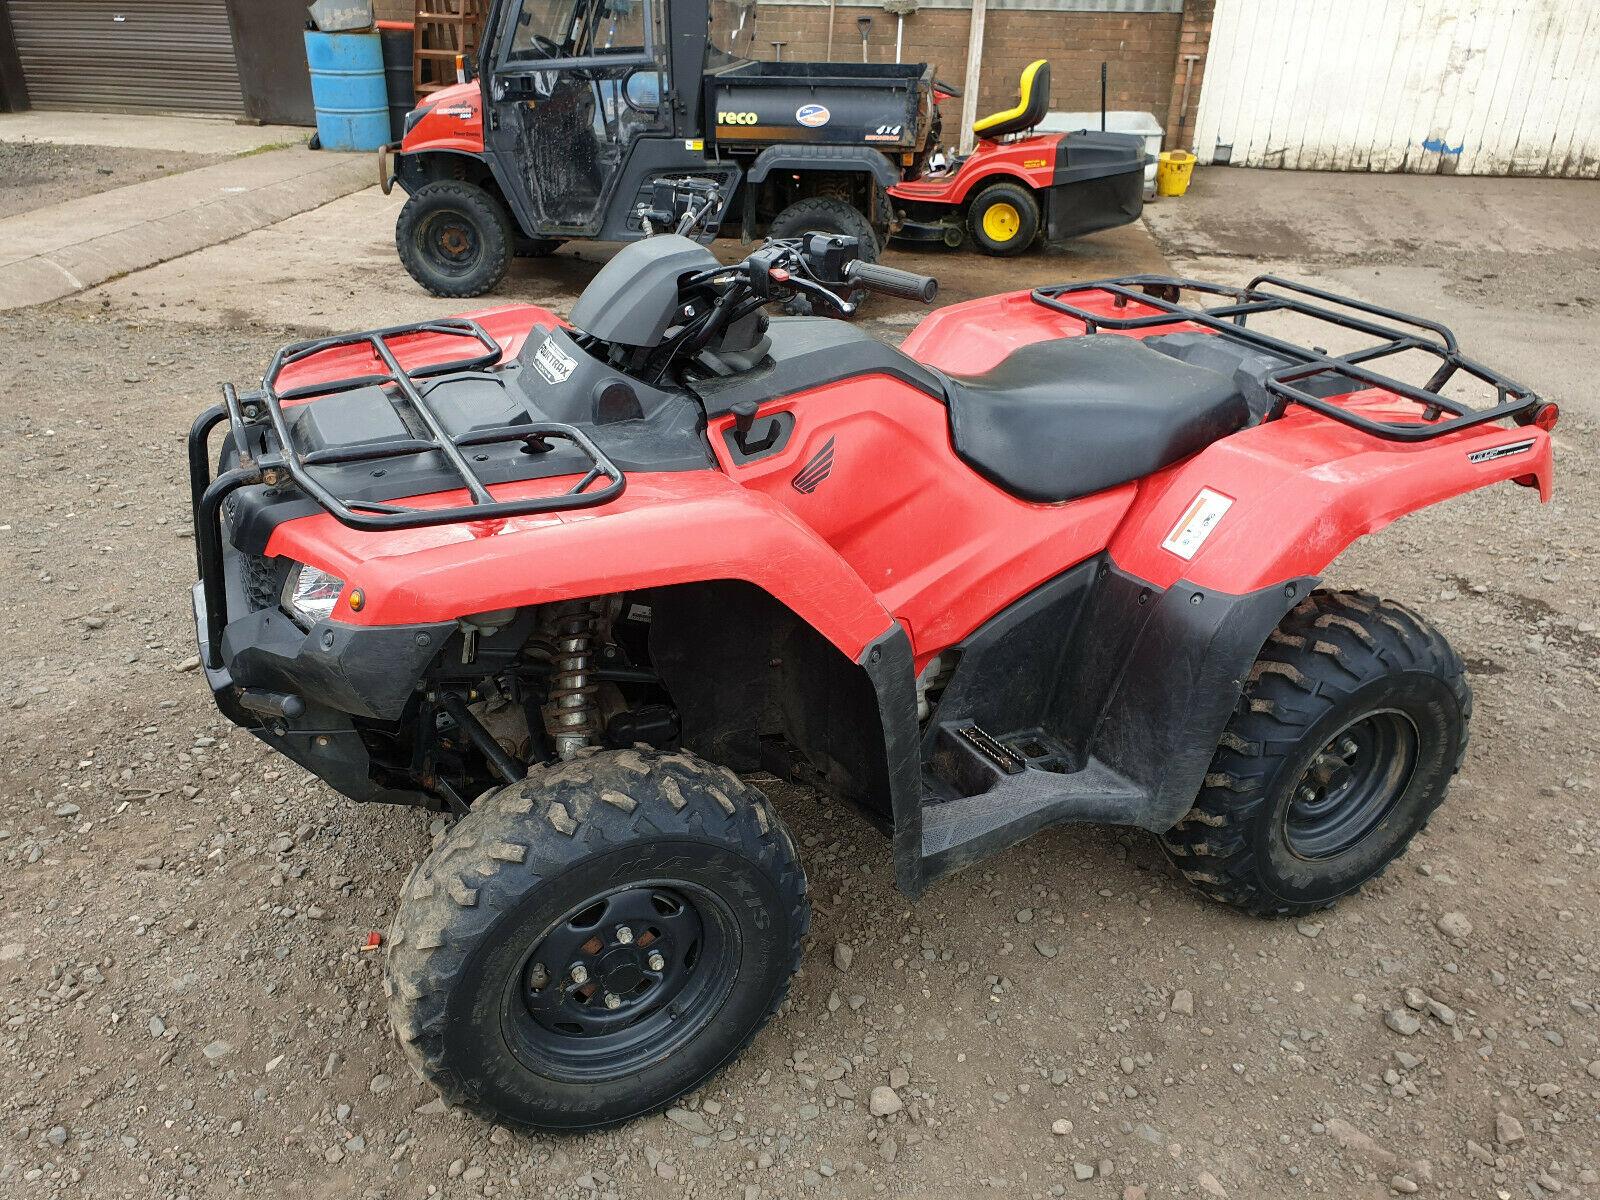 Used ATV Sales